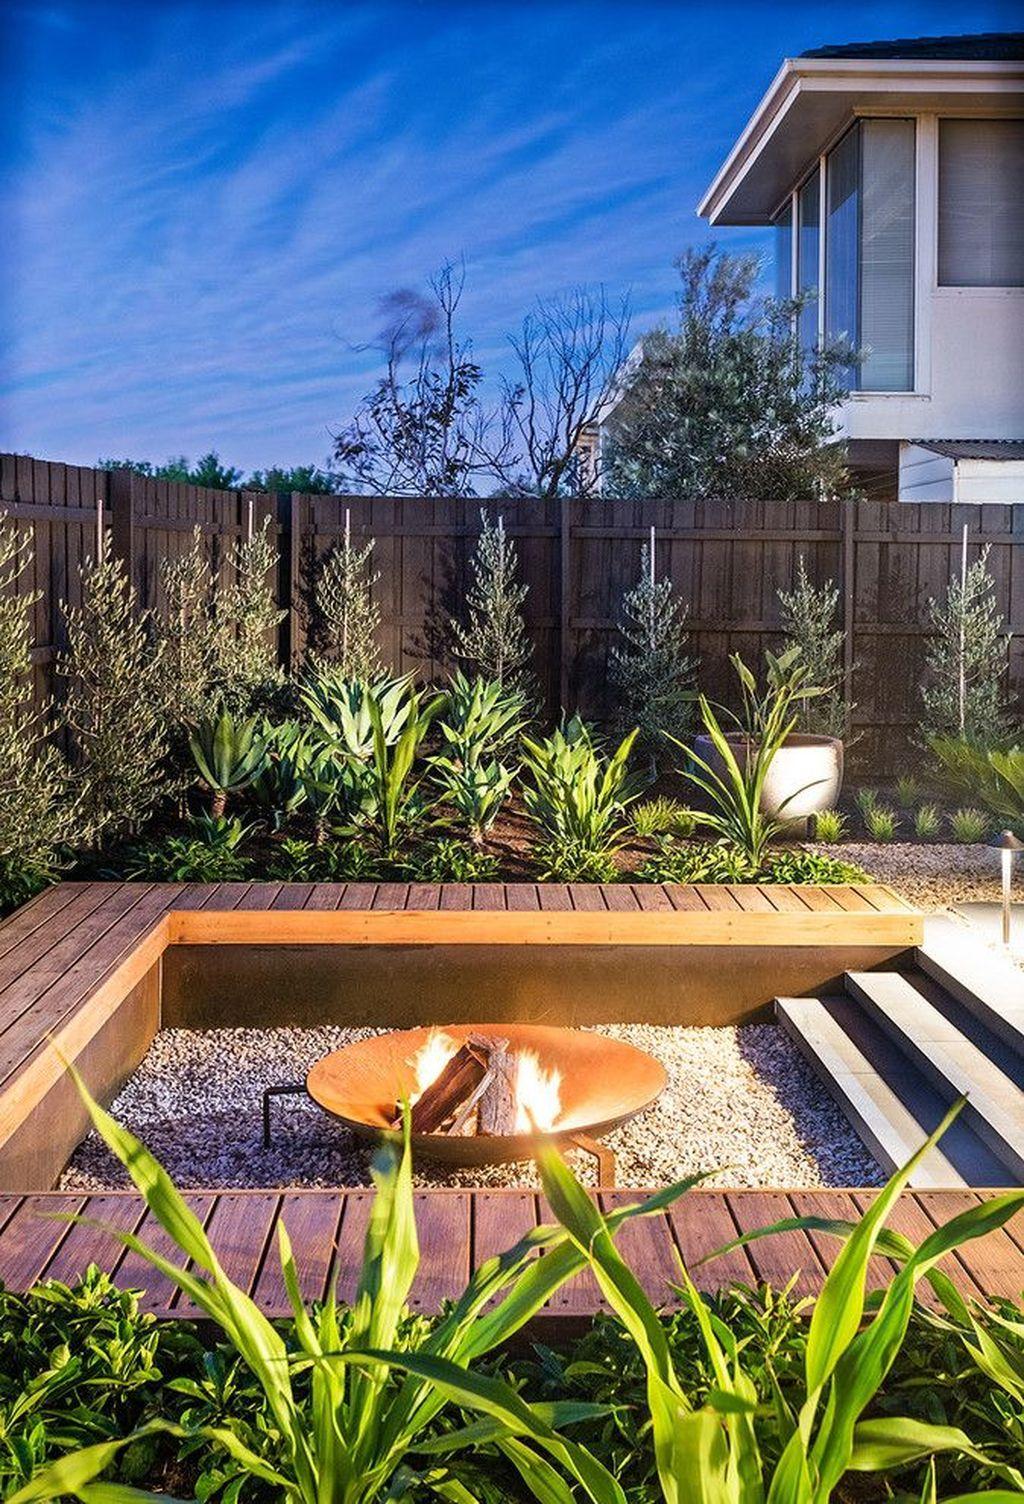 Kleine ideen für die außenküche  inspiring backyard fire pit ideas  backyard gardens and garden